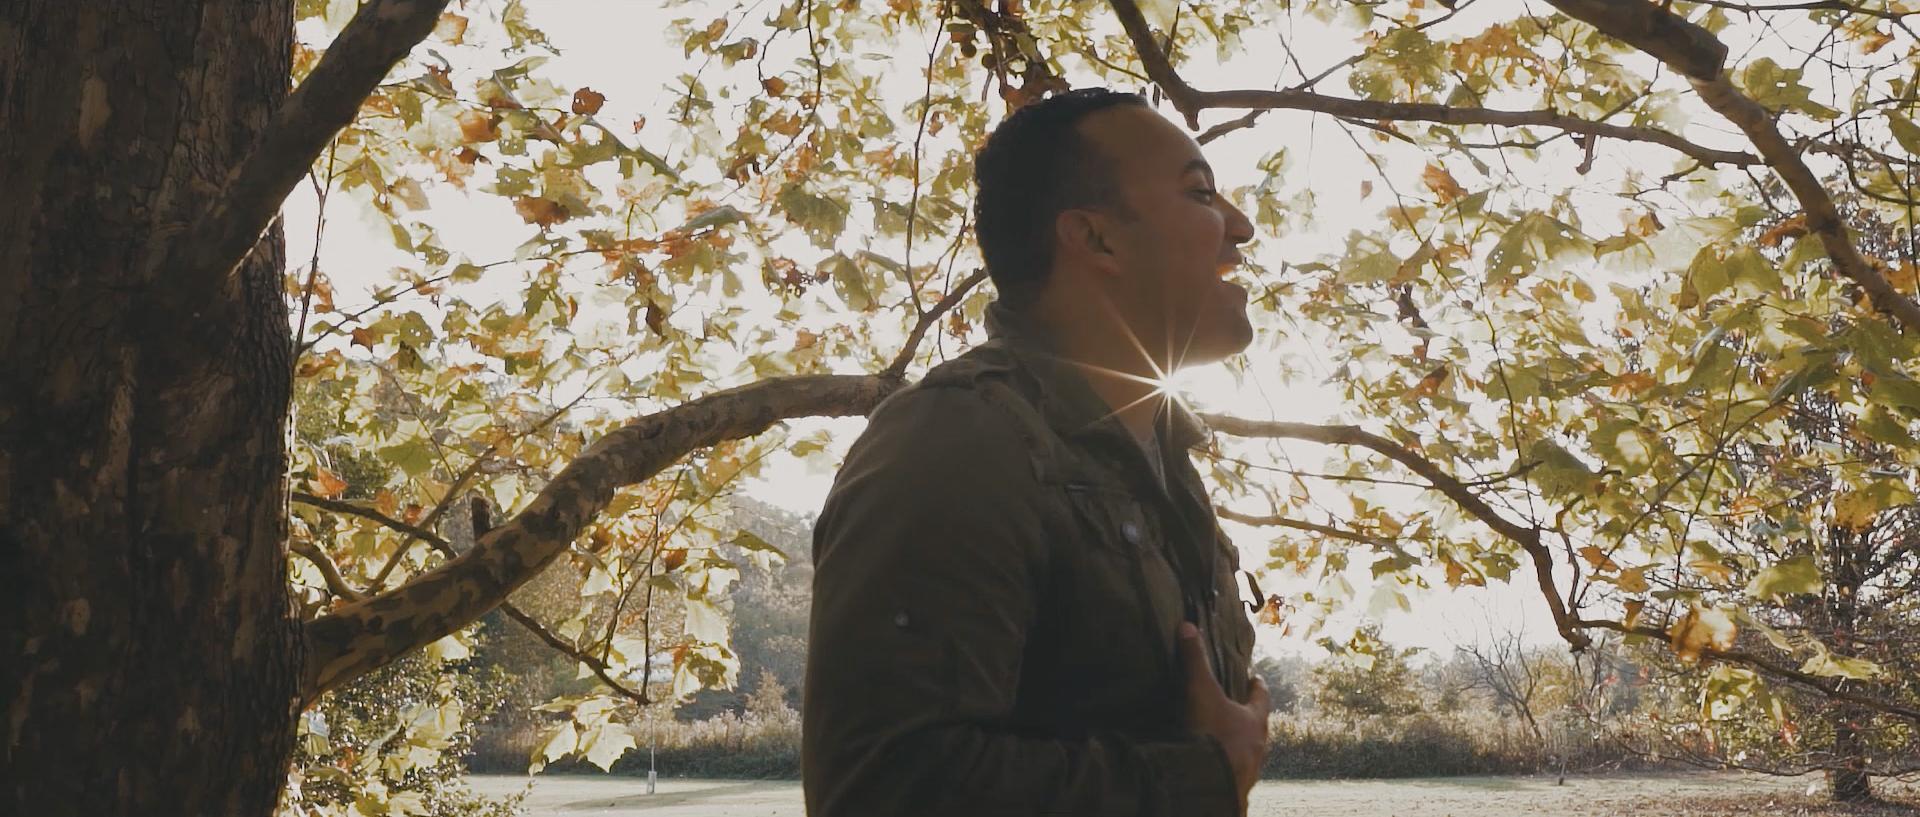 Stills - Cinema - Dp - Frame- Cinematographer - Miguel Bautista - Production - Filmmaking - Cine 028.jpg